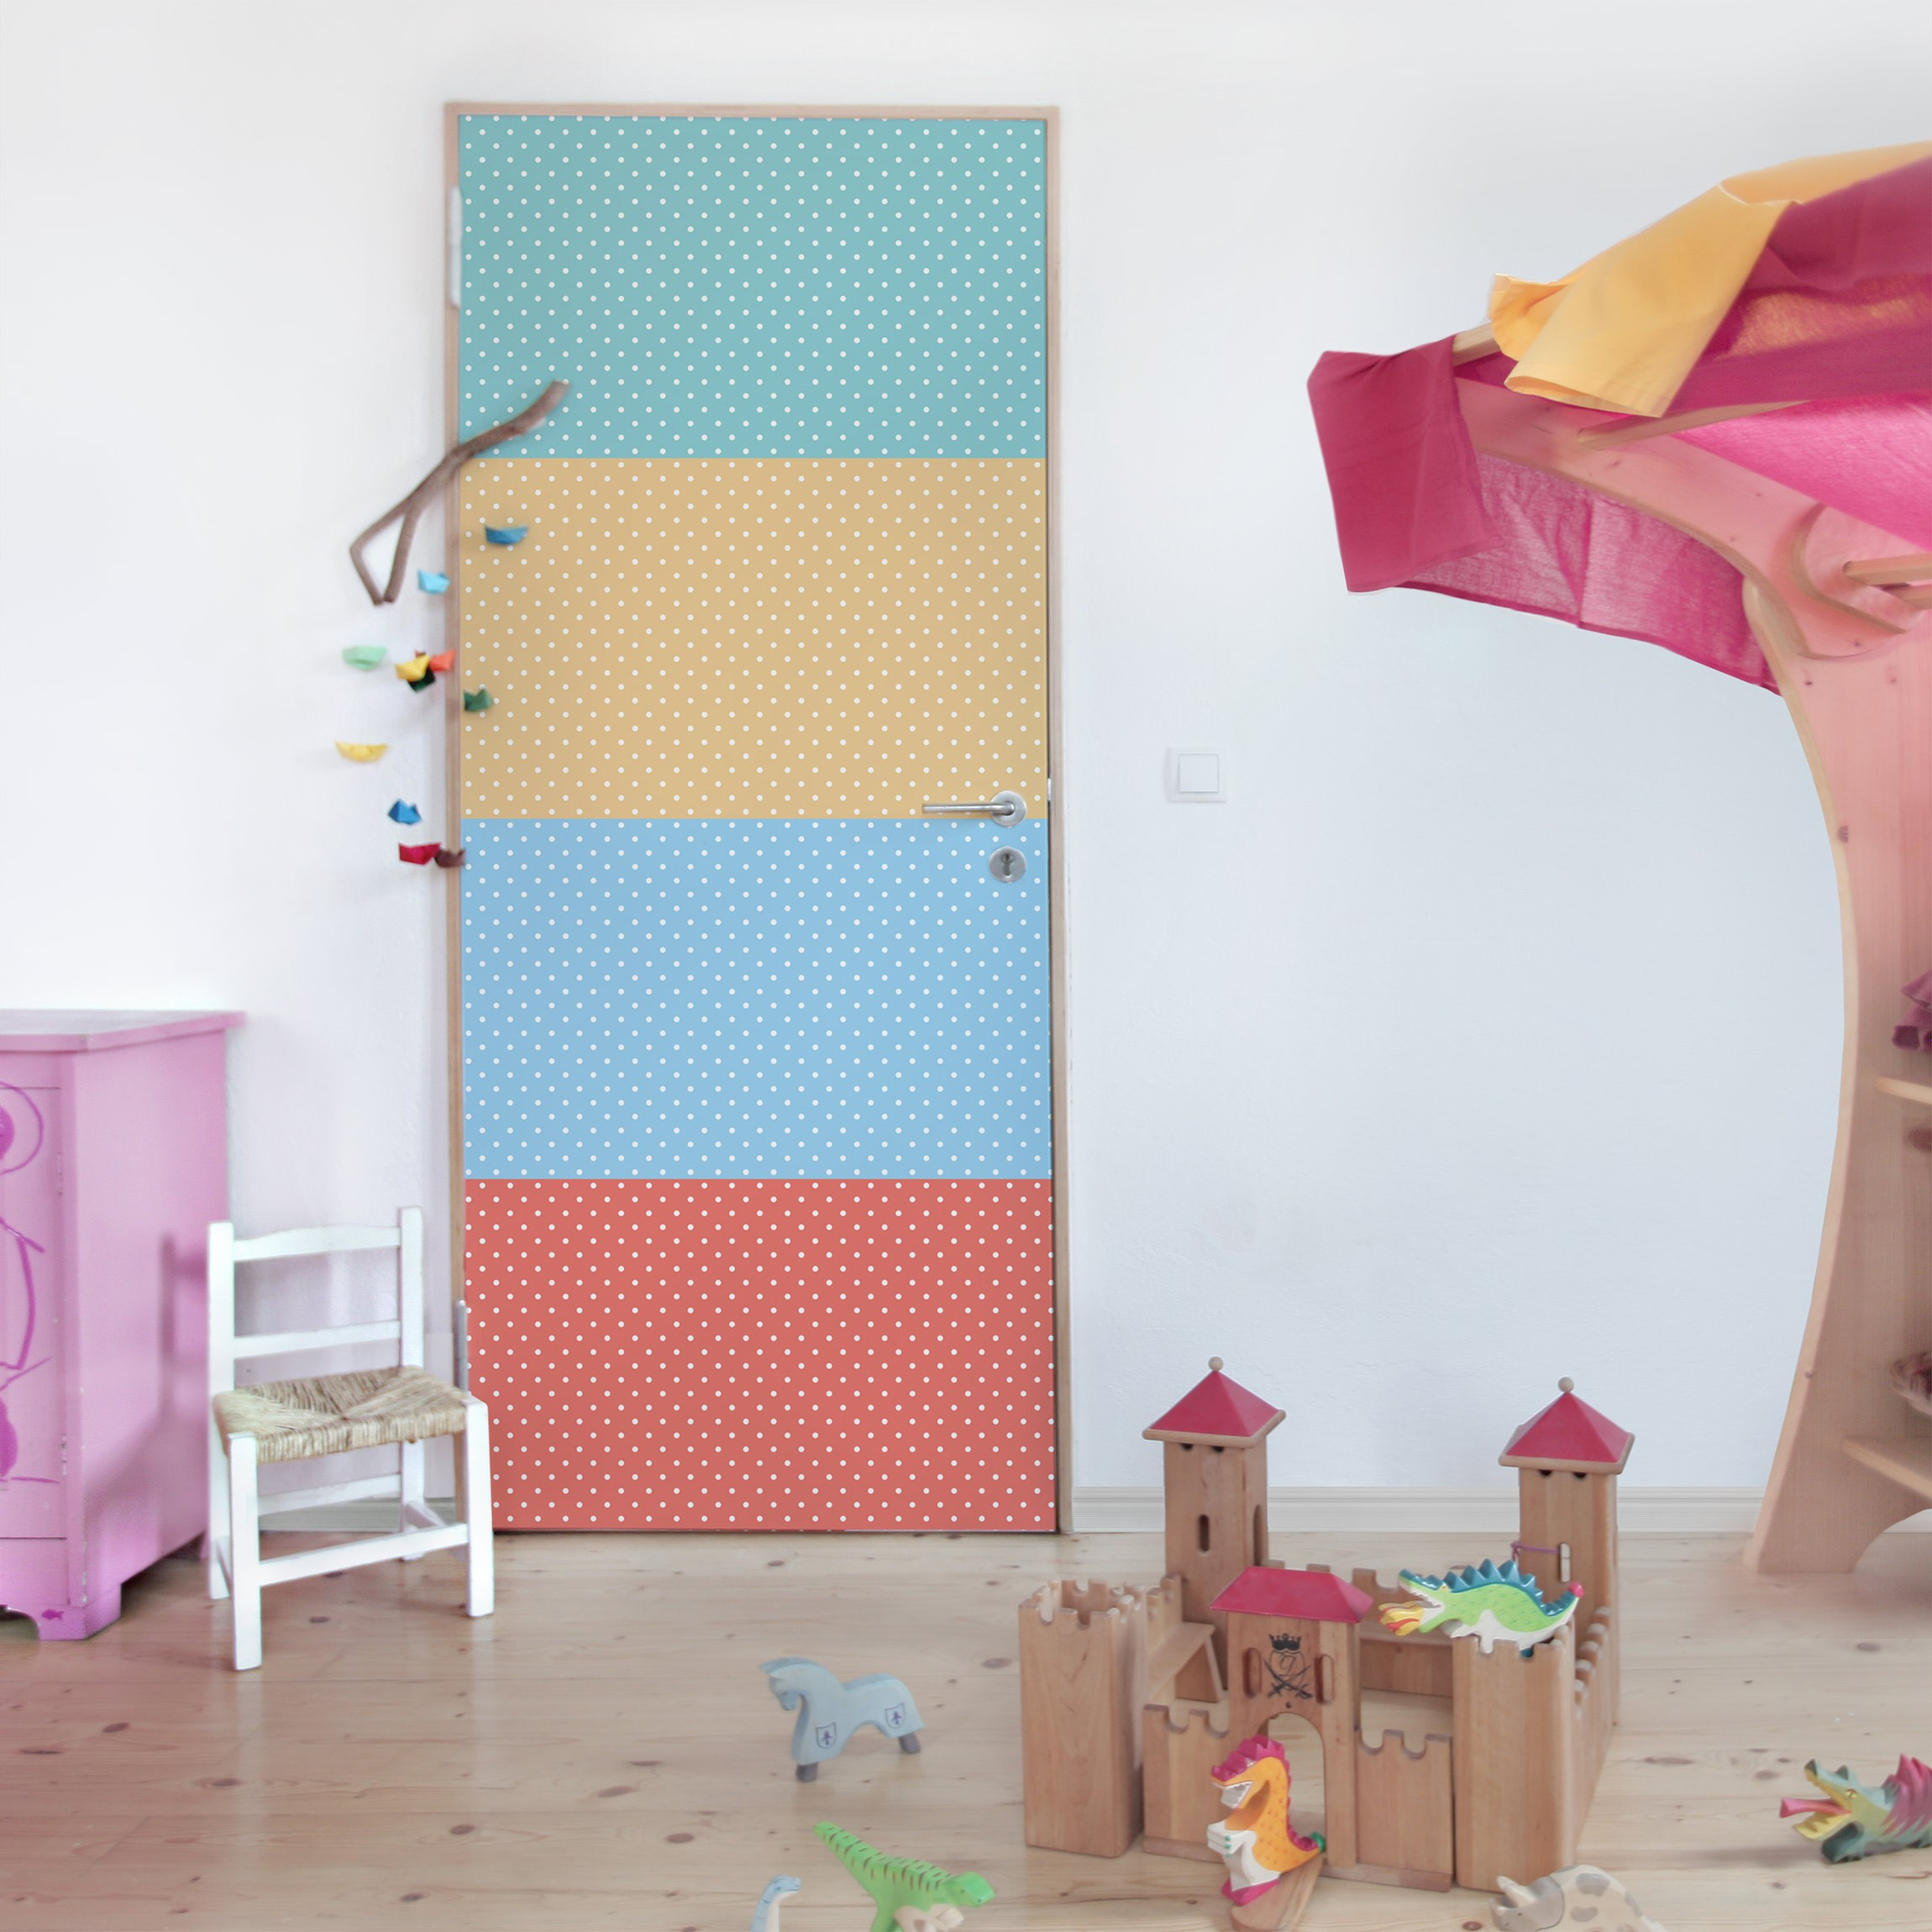 Klebefolie kinderzimmer pastell farben wei gepunktet - Kinderzimmer pastell ...